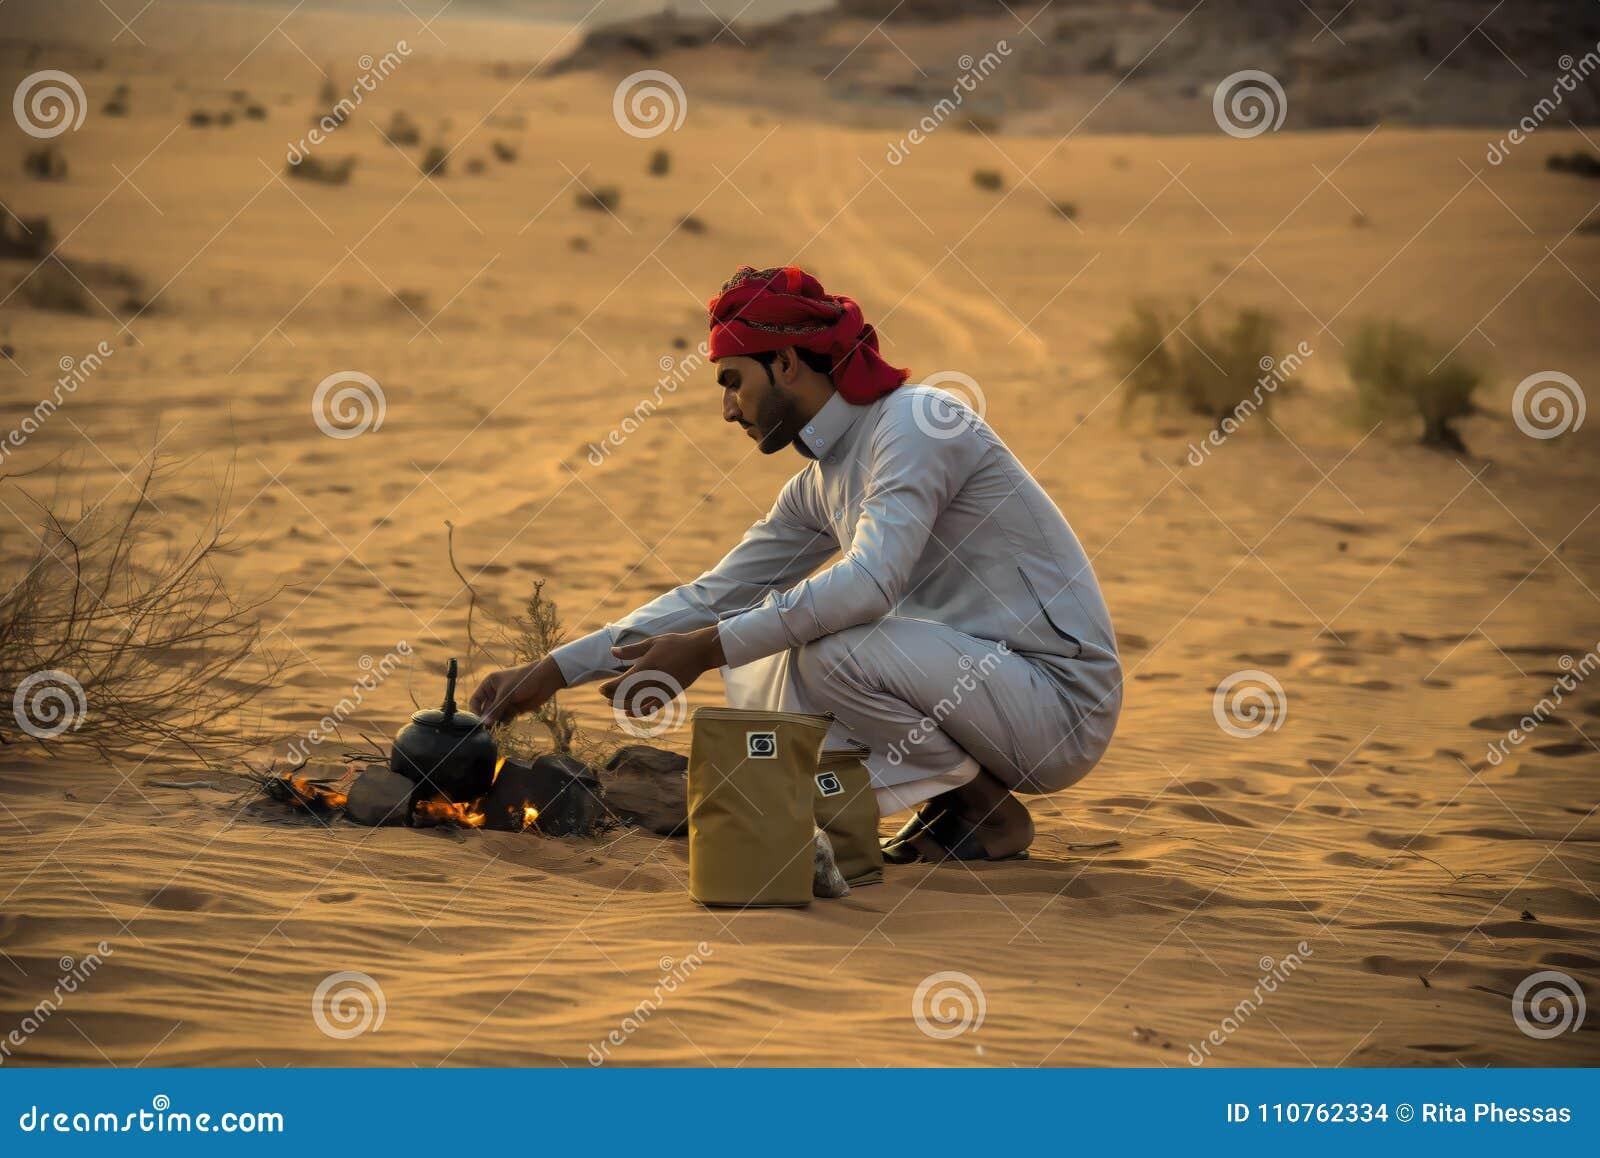 Η έρημος Ιορδανία το 17-9-2017 ρουμιού Wadi που ένα βεδουίνο άτομο, κάνει μια πυρκαγιά στη μέση της ερήμου ρουμιού Wadi μεταξύ τω